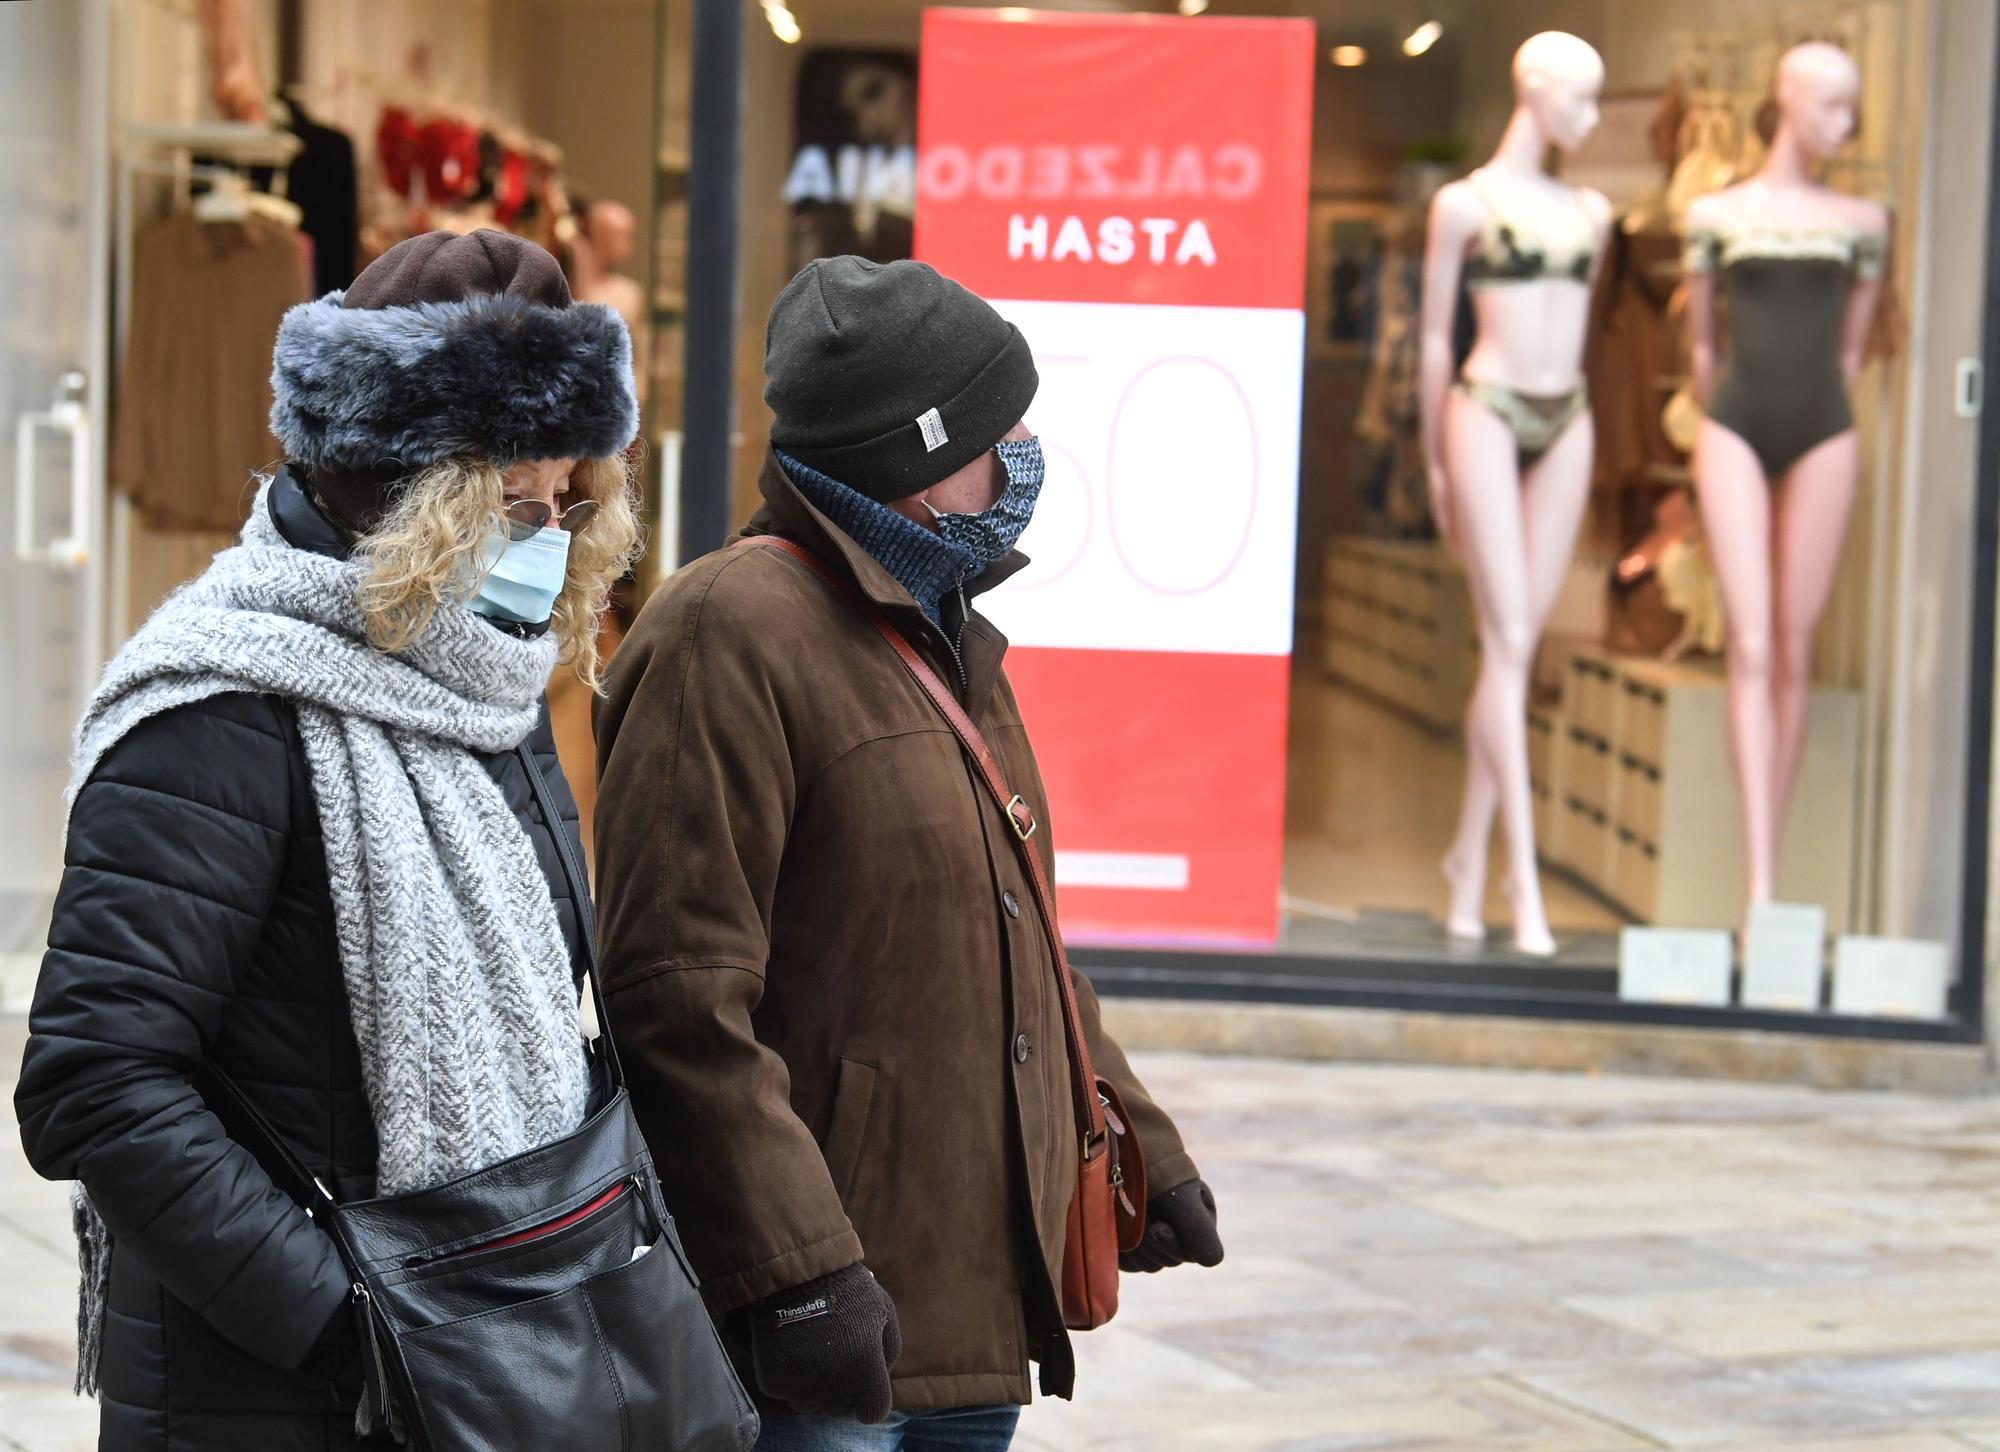 Días de sol y frío en A Coruña